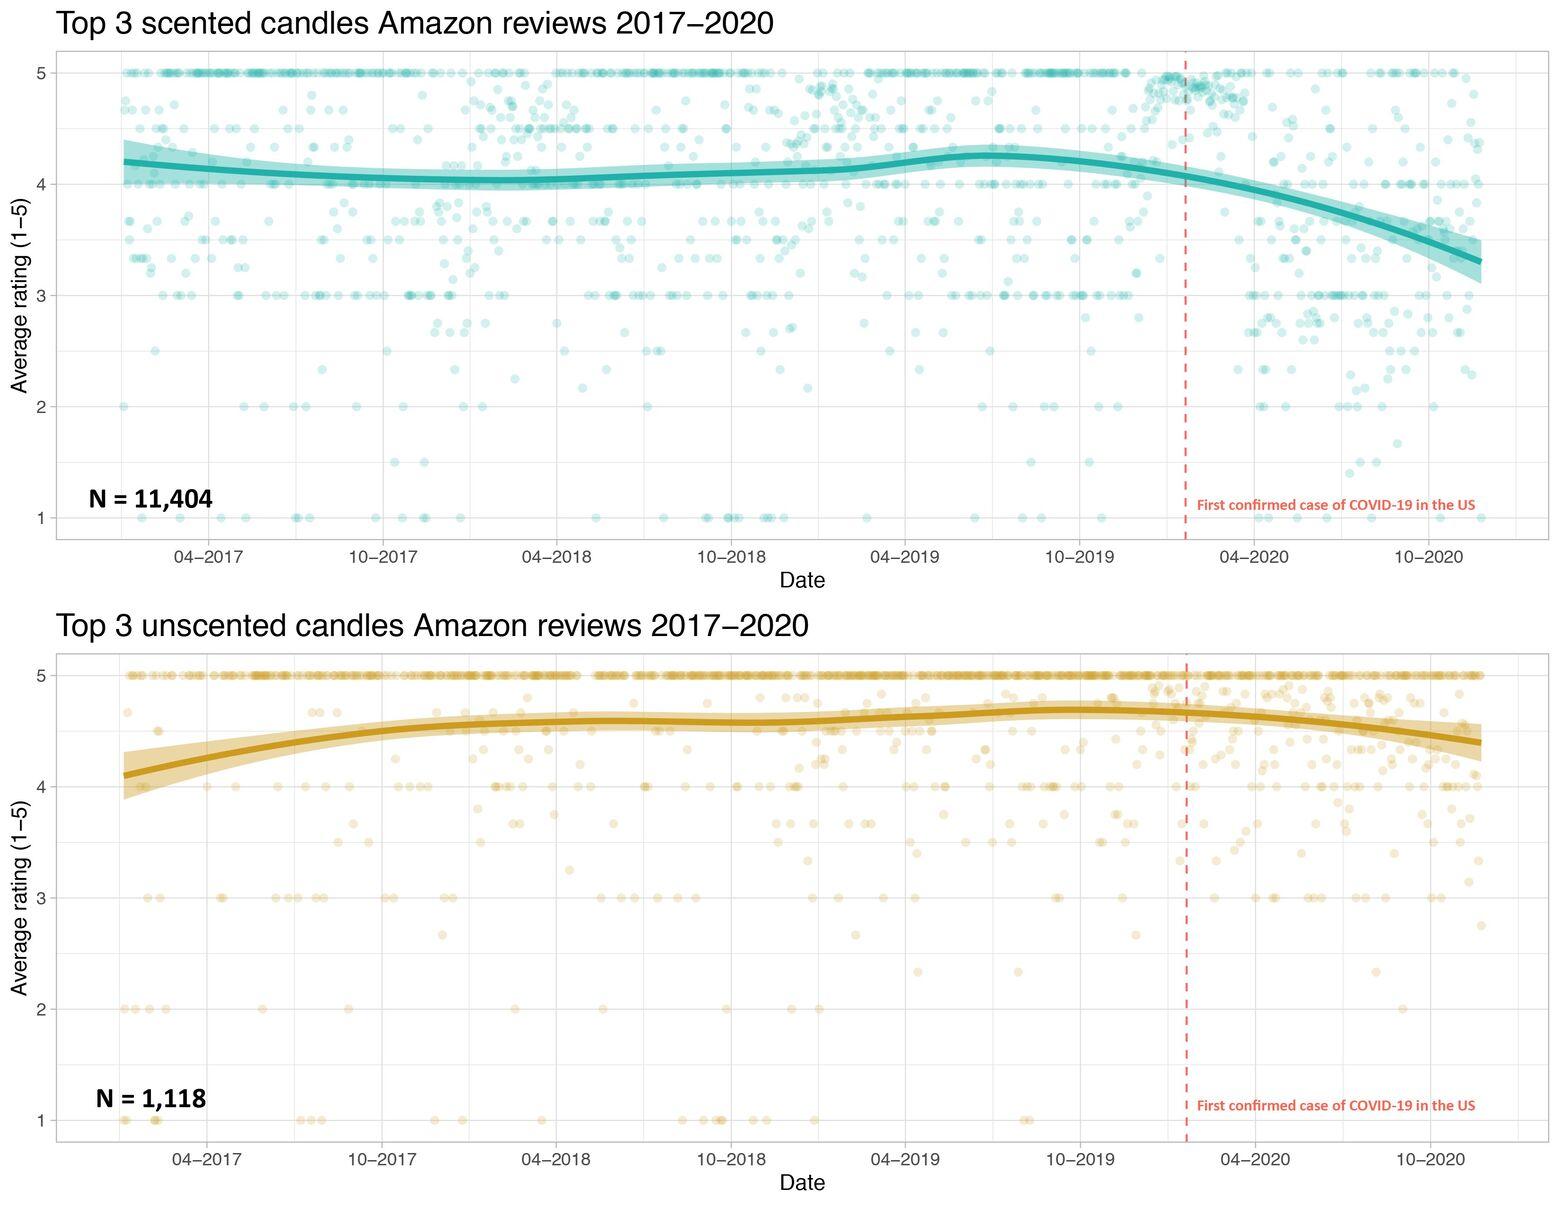 Сравнение оценок трёх самых популярных ароматических свечей (вверху) и свечей без запаха (внизу). Вертикальная красная линия показывает первый зарегистрированный случай новой коронавирусной инфекции в США.